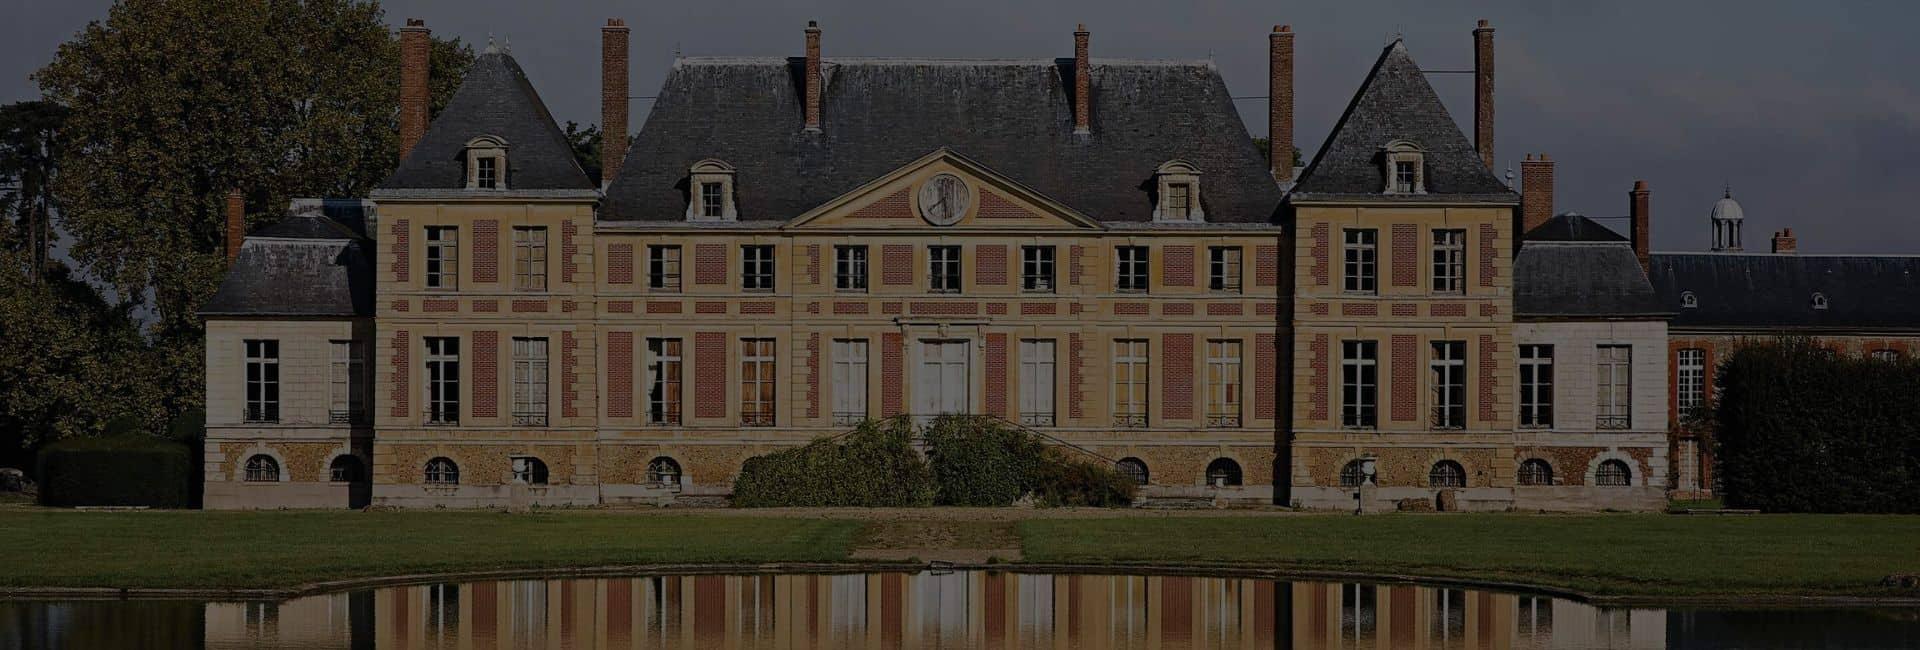 Découvrez La Commune Française Guermantes Ici Sur Notre Site